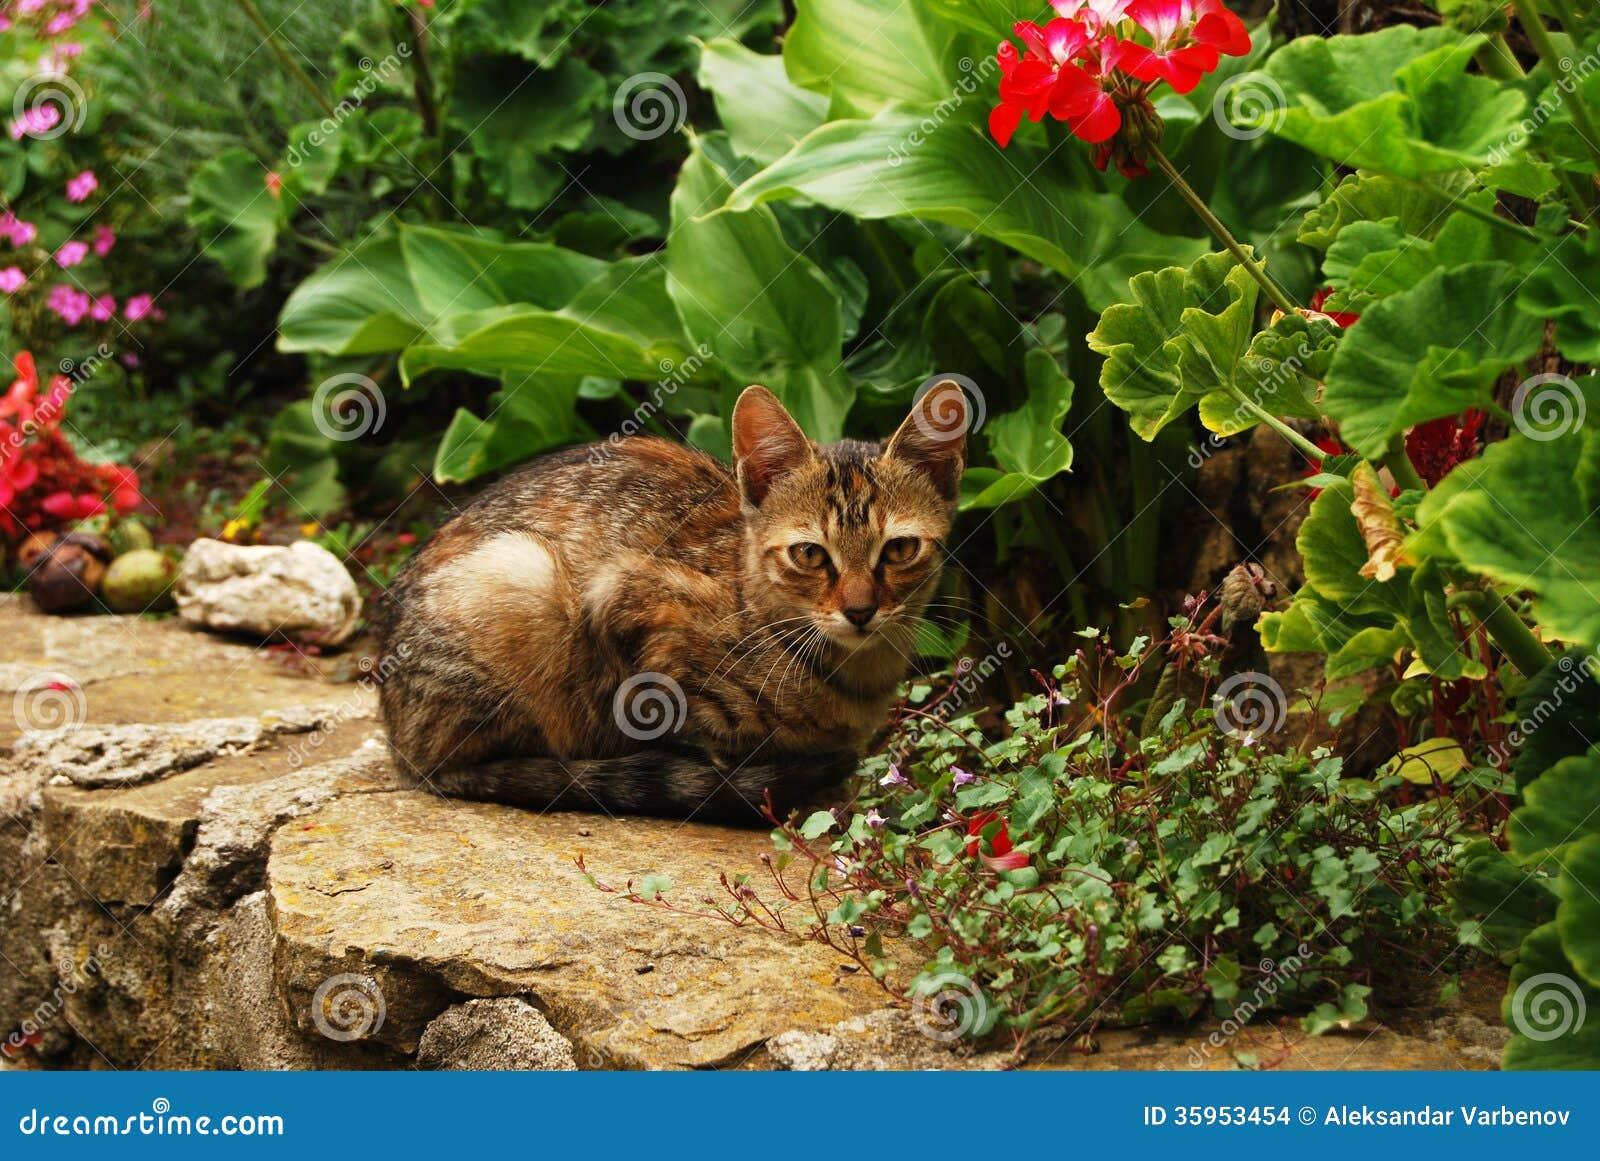 Gato de gato atigrado en jardín